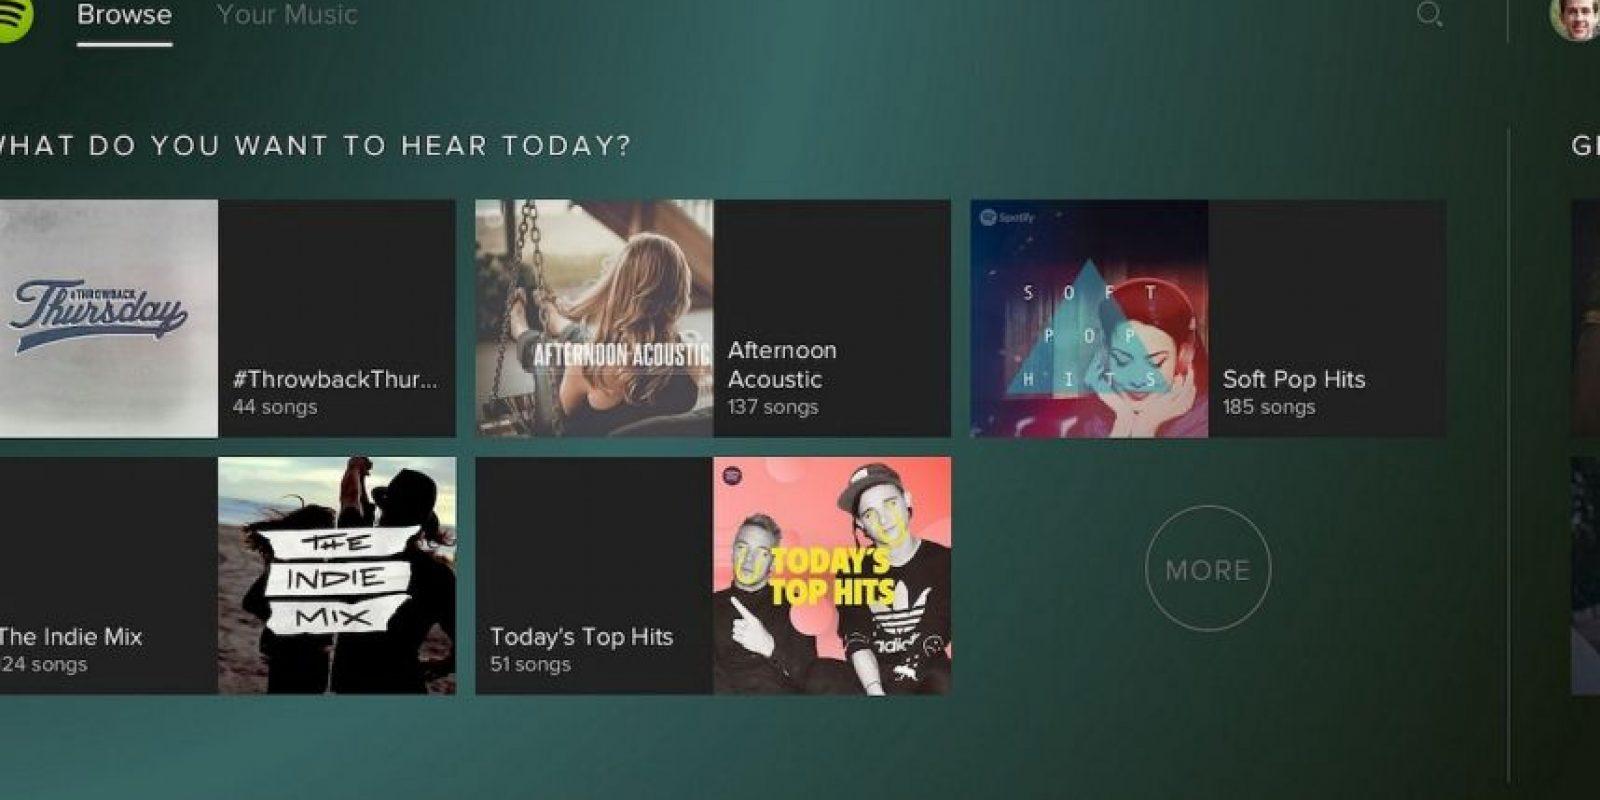 Existen diversas ofertas para obtener una membresía premium y escuchar música sin comerciales. Foto:Sony